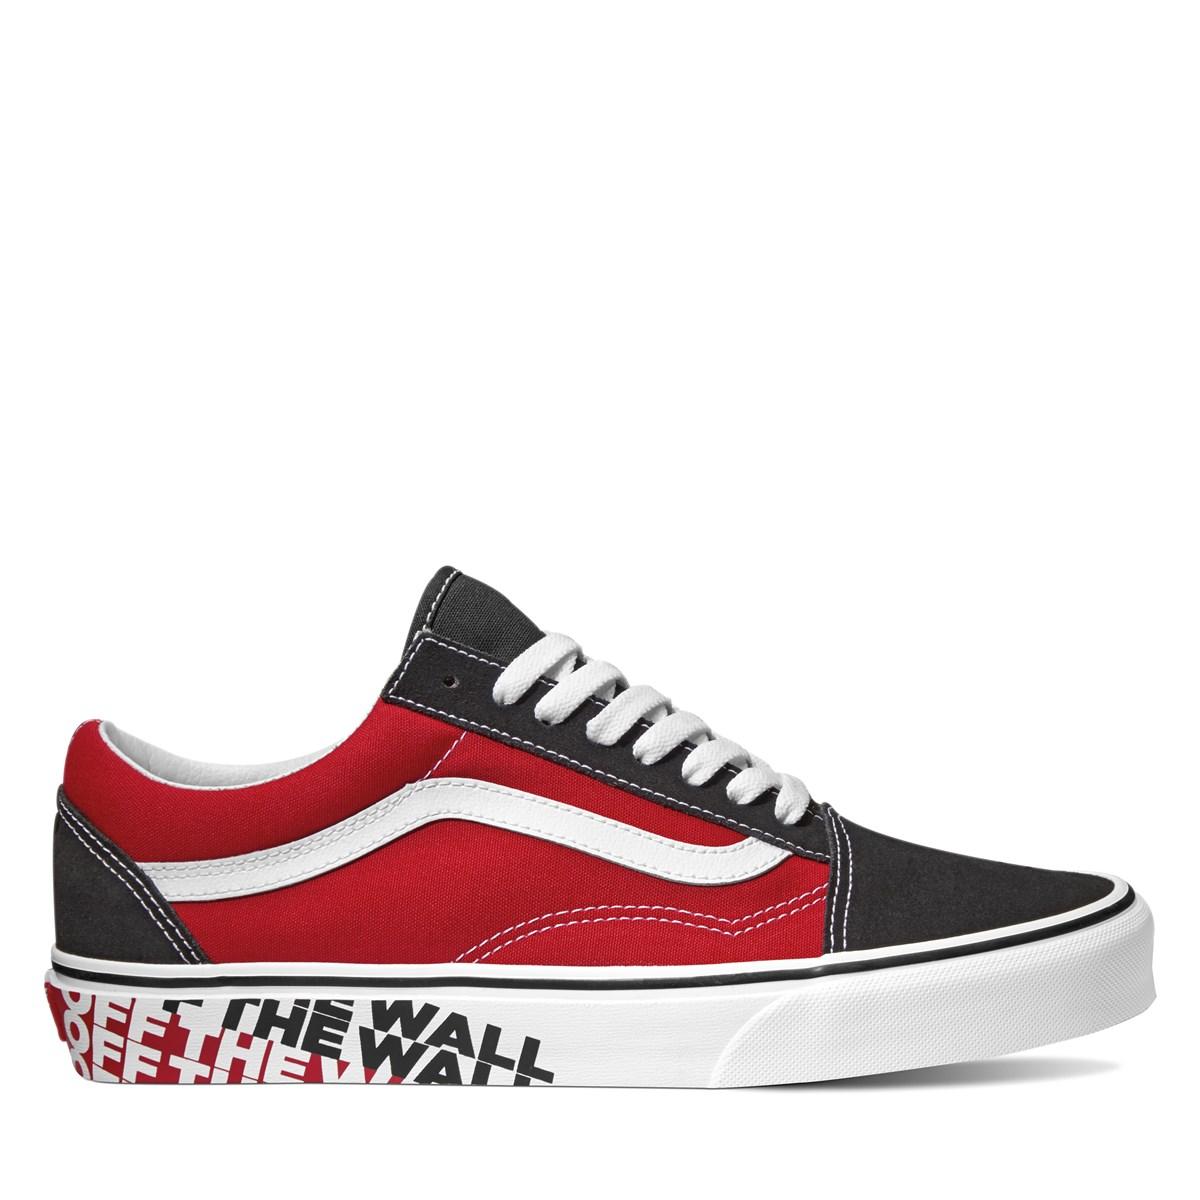 2400ef05d3 Men s Old Skool OTW Side Wall Red Sneaker